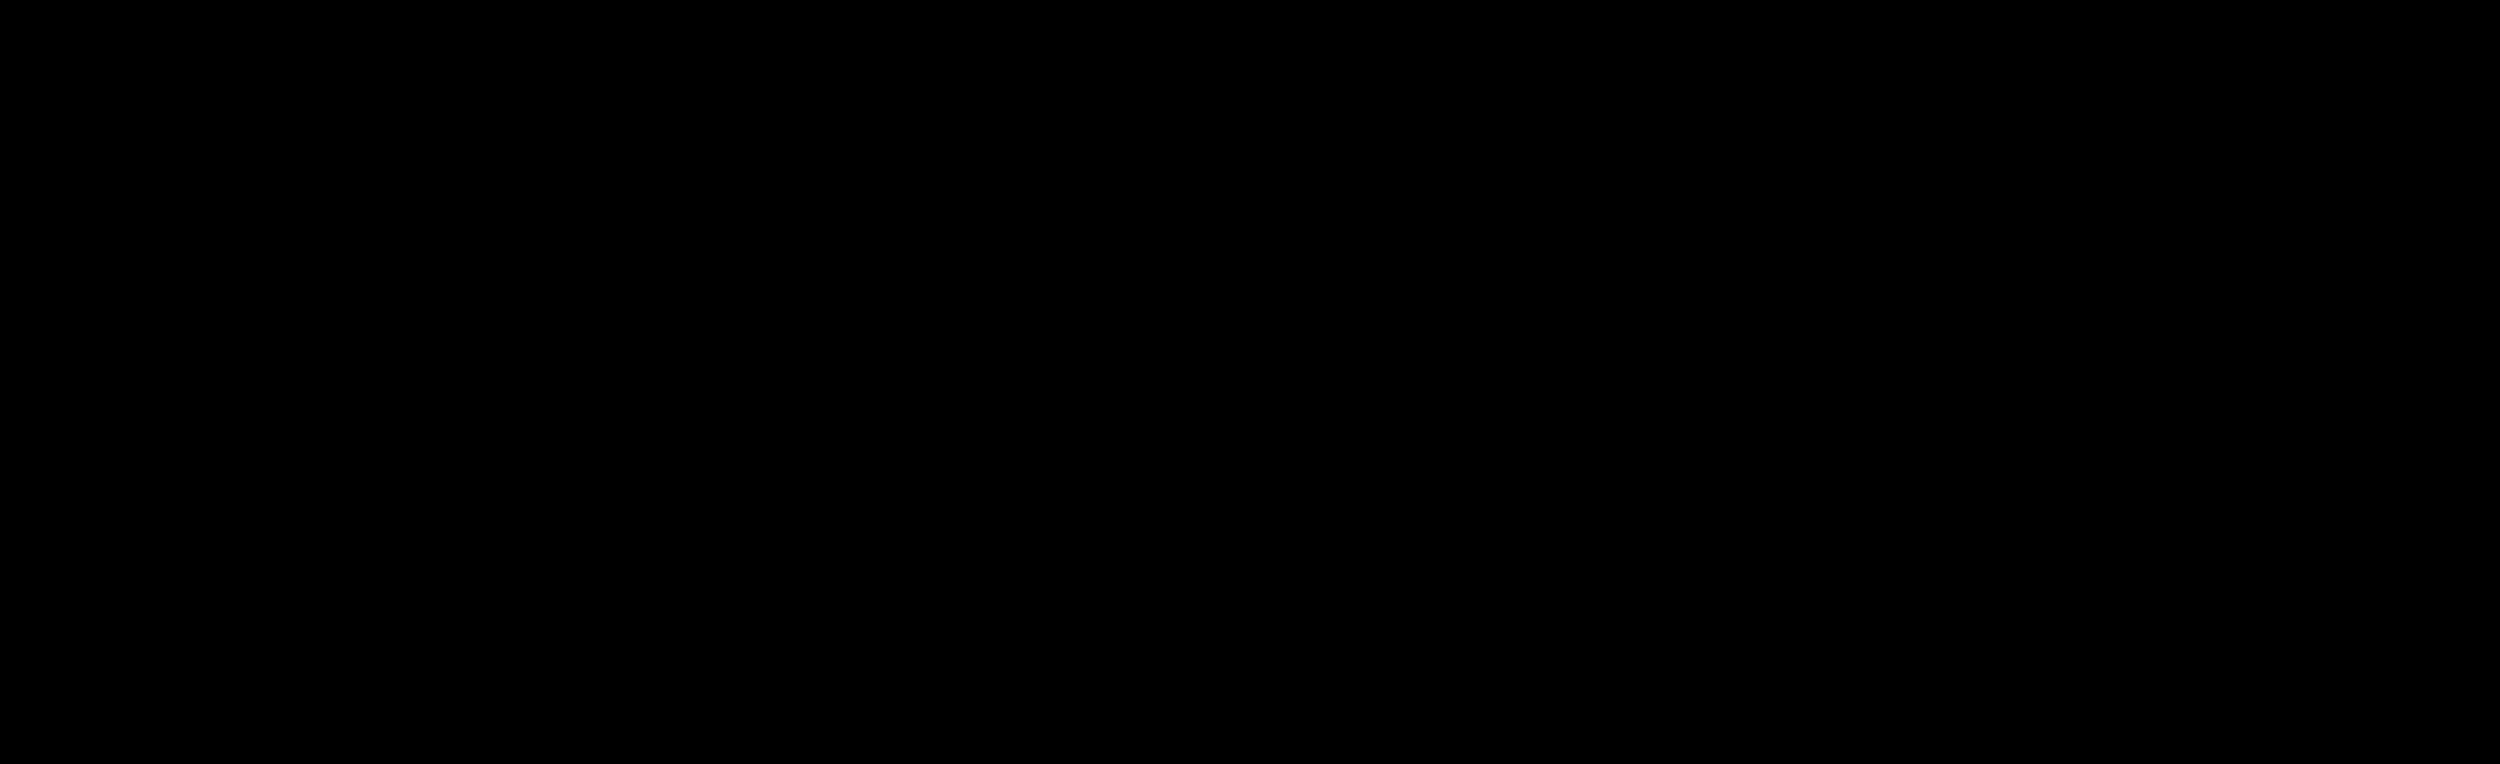 logo-wws.png